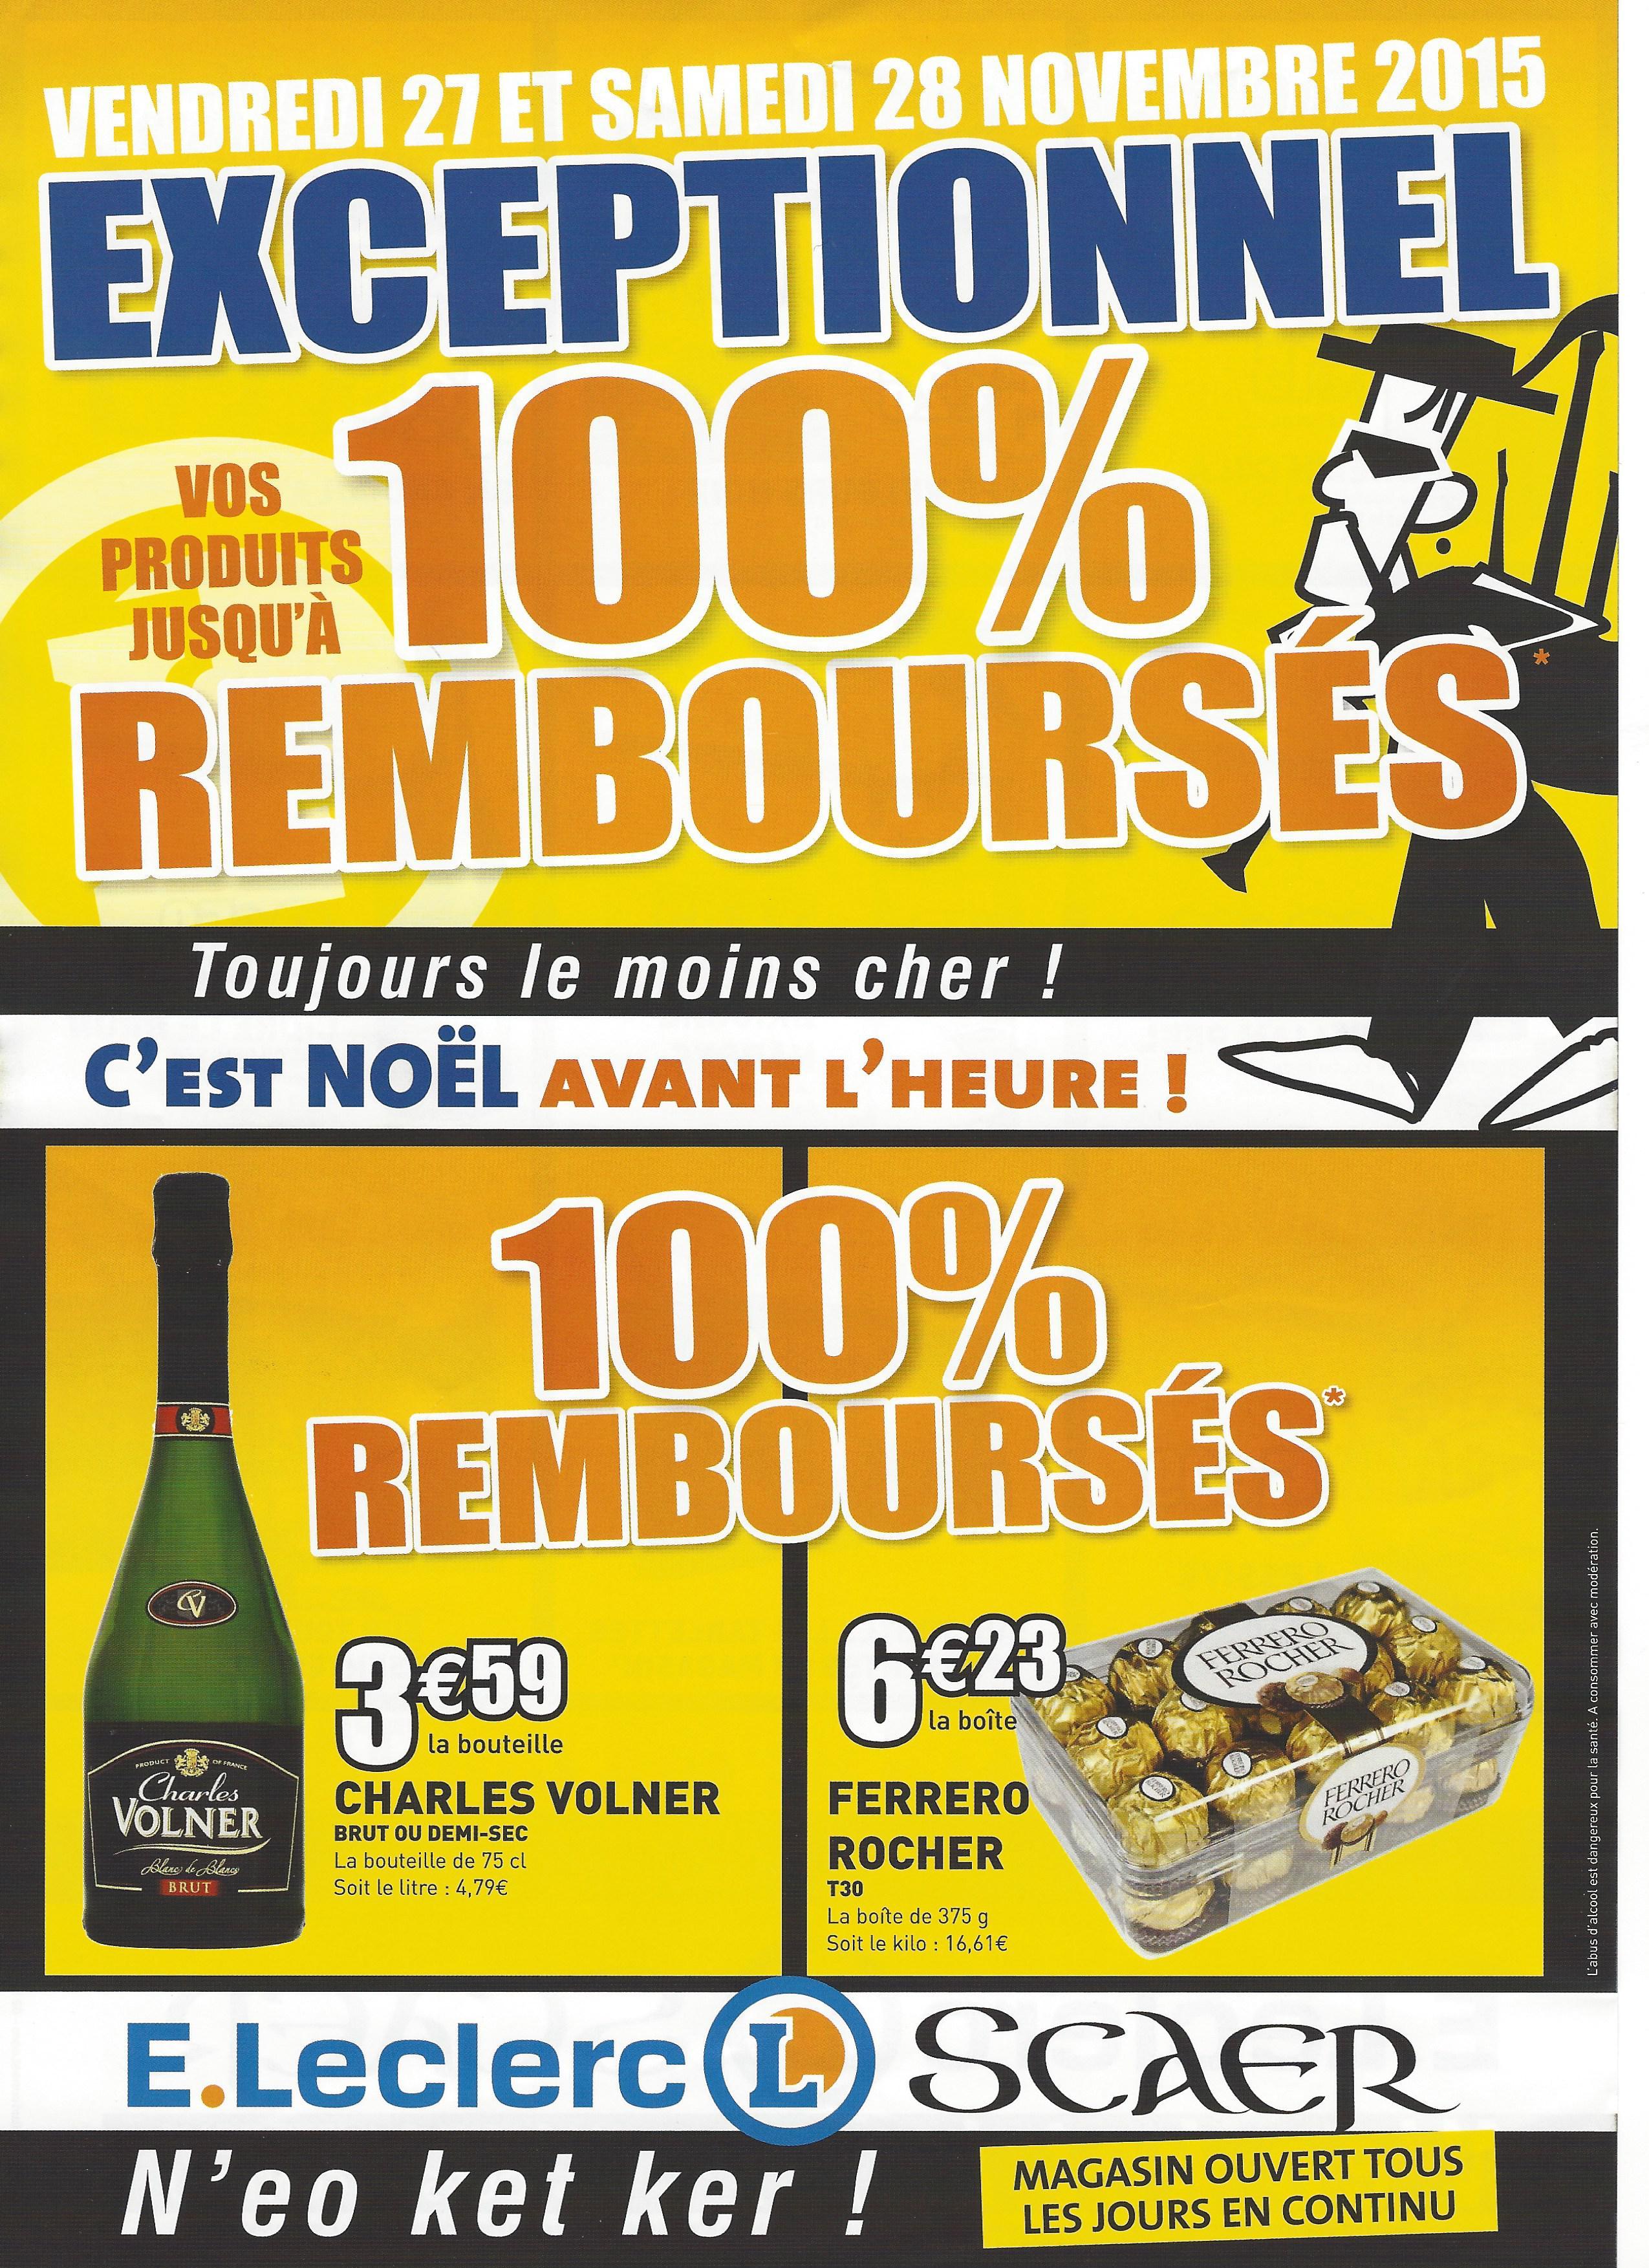 Sélection d'offres promotionnelles - Ex : Boite Ferrero Rocher T30 gratuite (100% remboursée en 2 bons d'achat)